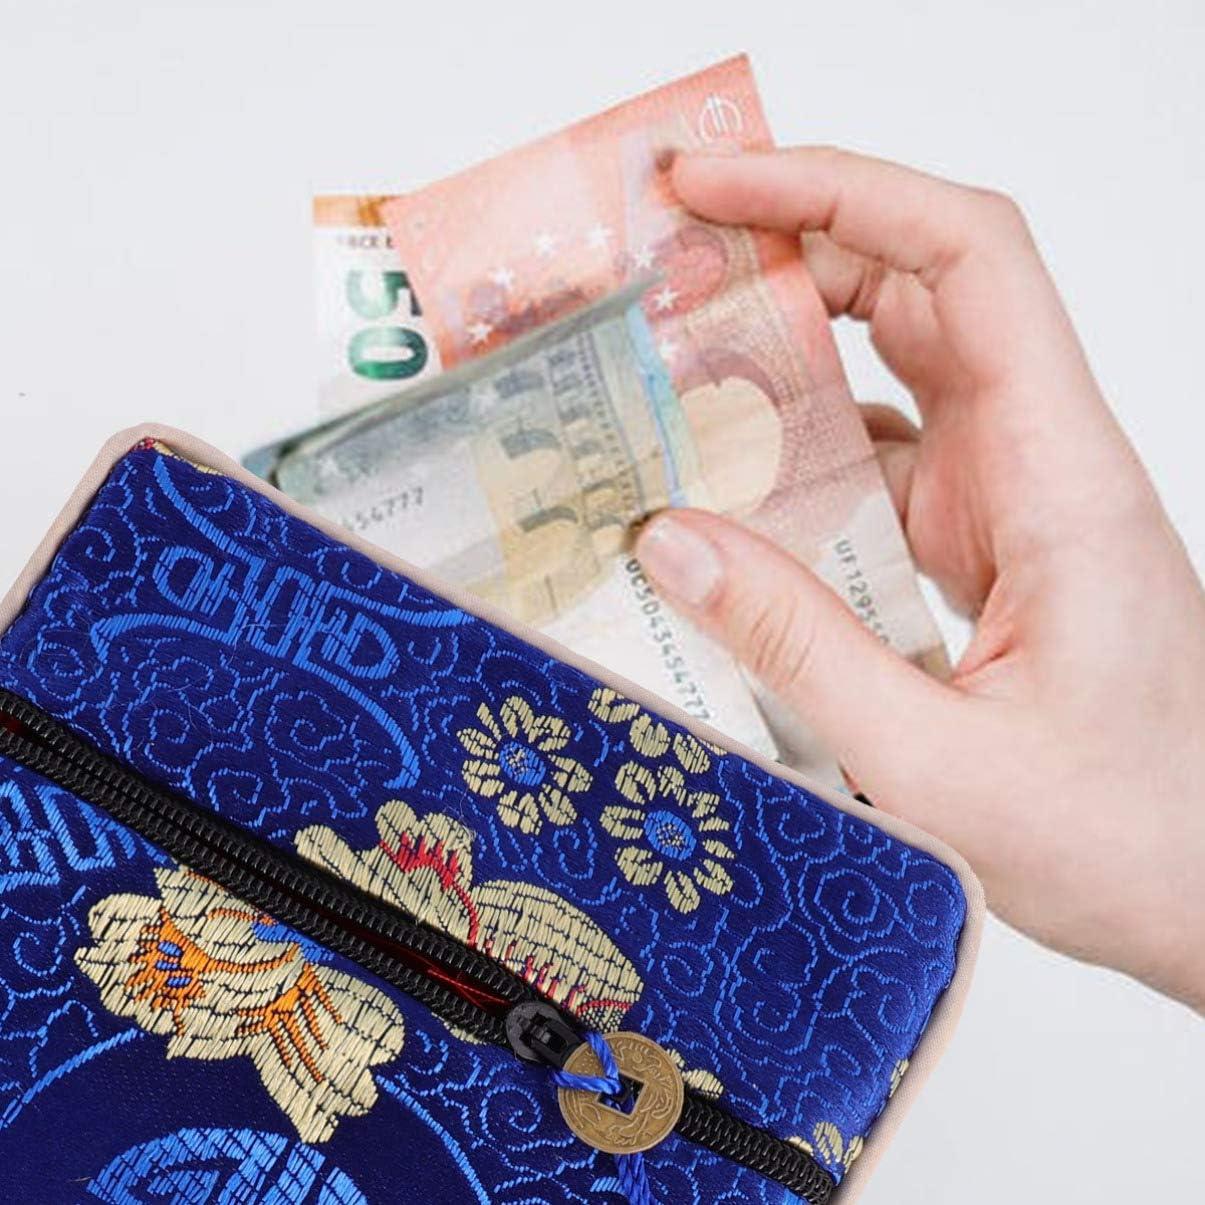 TENDYCOCO 12 Pezzi di Broccato di Seta Portamonete Portamonete Borsellino Portagioie Sacchetto Regalo con Fiocco Stile Cinese per Donna Donna Motivo Casuale